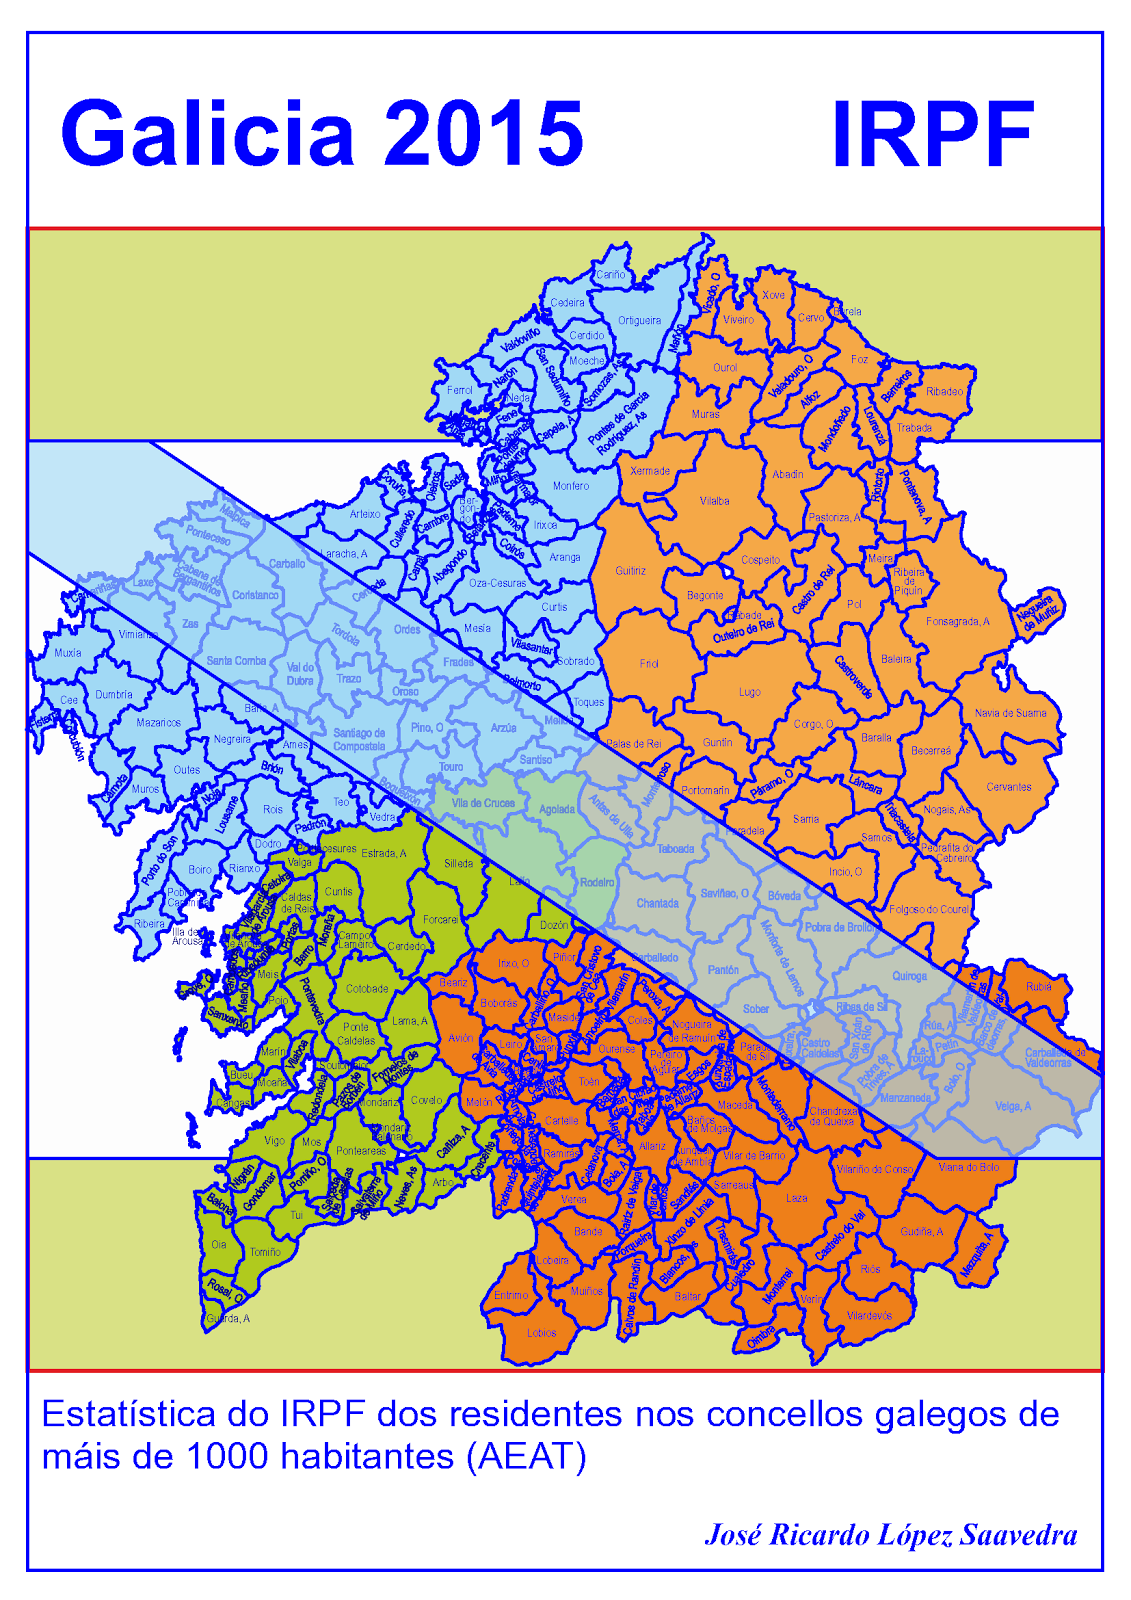 Galicia IRPF 2015